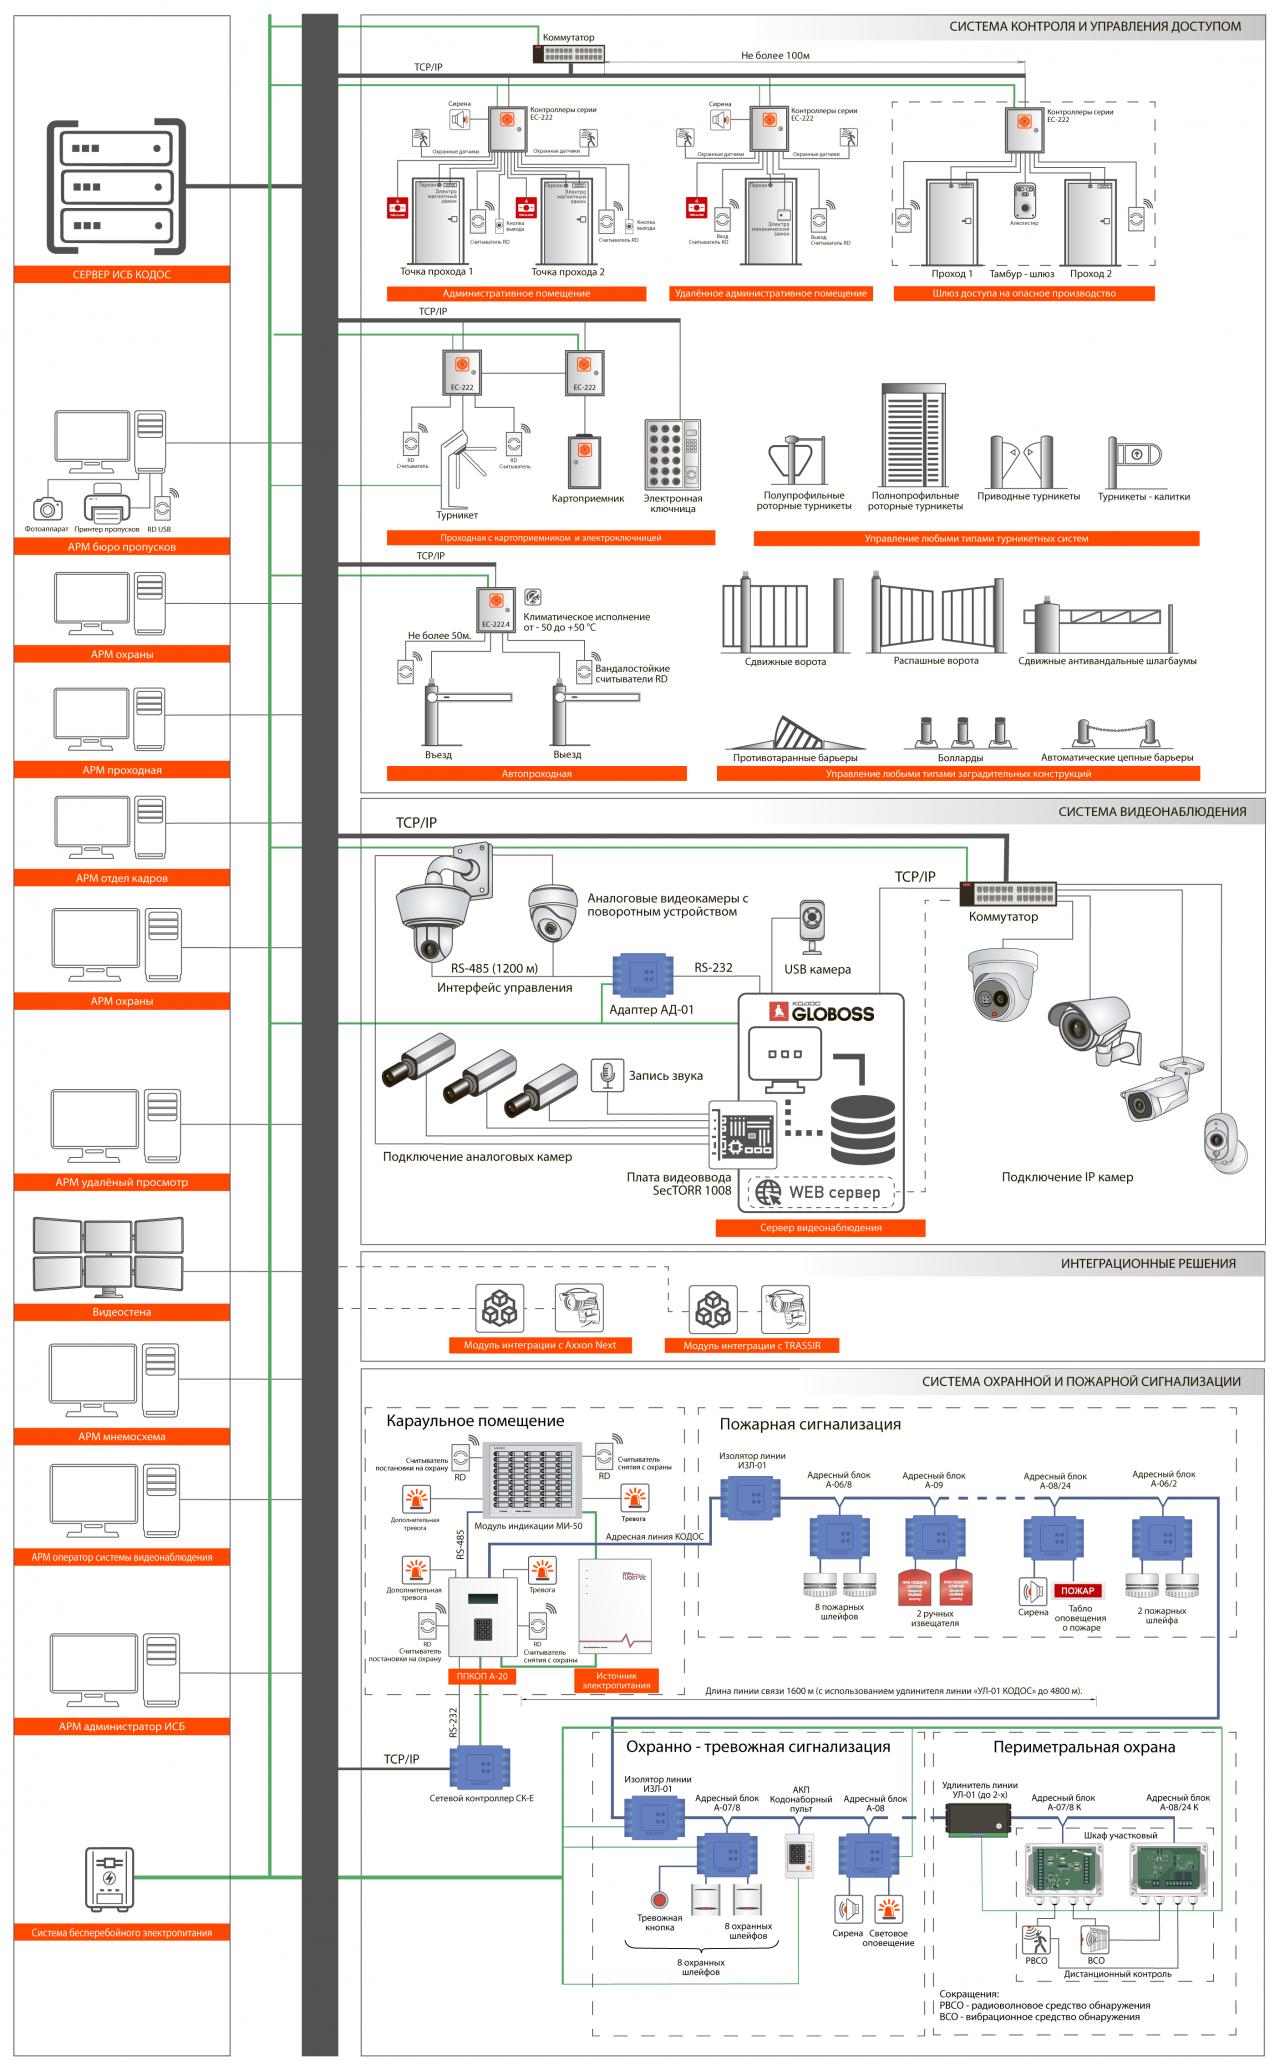 Общая схема интегрированной системы безопасности КОДОС